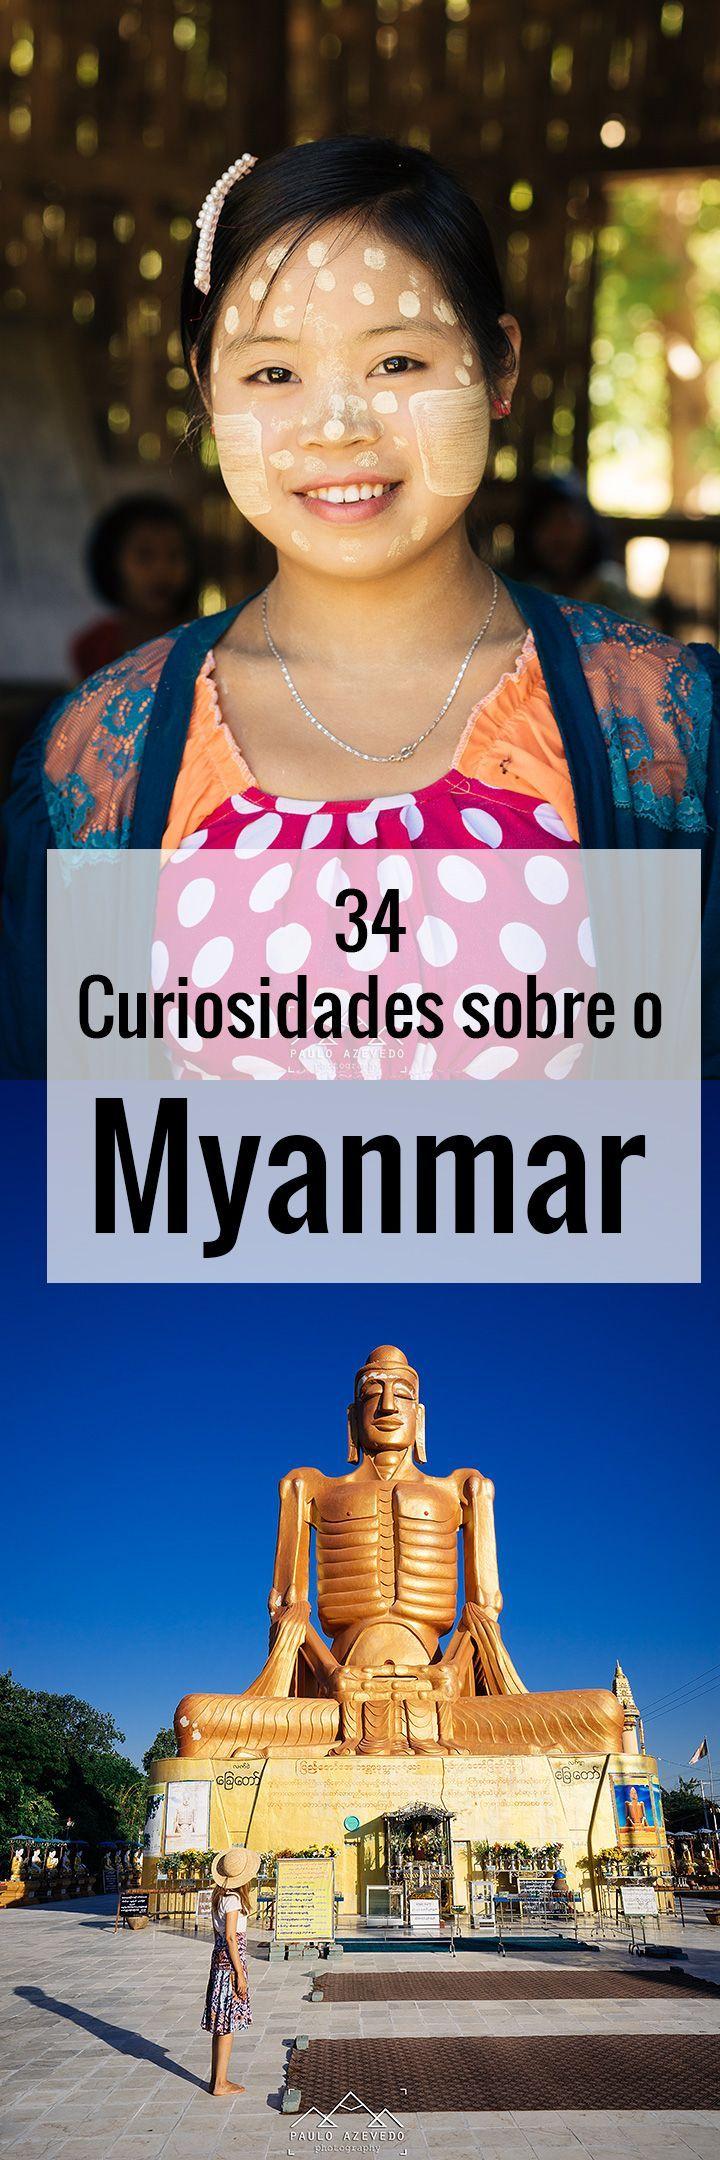 Provavelmente já sabem que o Myanmar se chamou outrora Birmânia, que esteve sob uma ditadura militar até há pouco tempo e que uma birmanesa, a Senhora Aung San Suu Kyi, recebeu o Prémio Nobel da Paz, em 1991, pela sua luta contra o regime opressor. Há, porém, curiosidades que só se podem conhecer no próprio país.